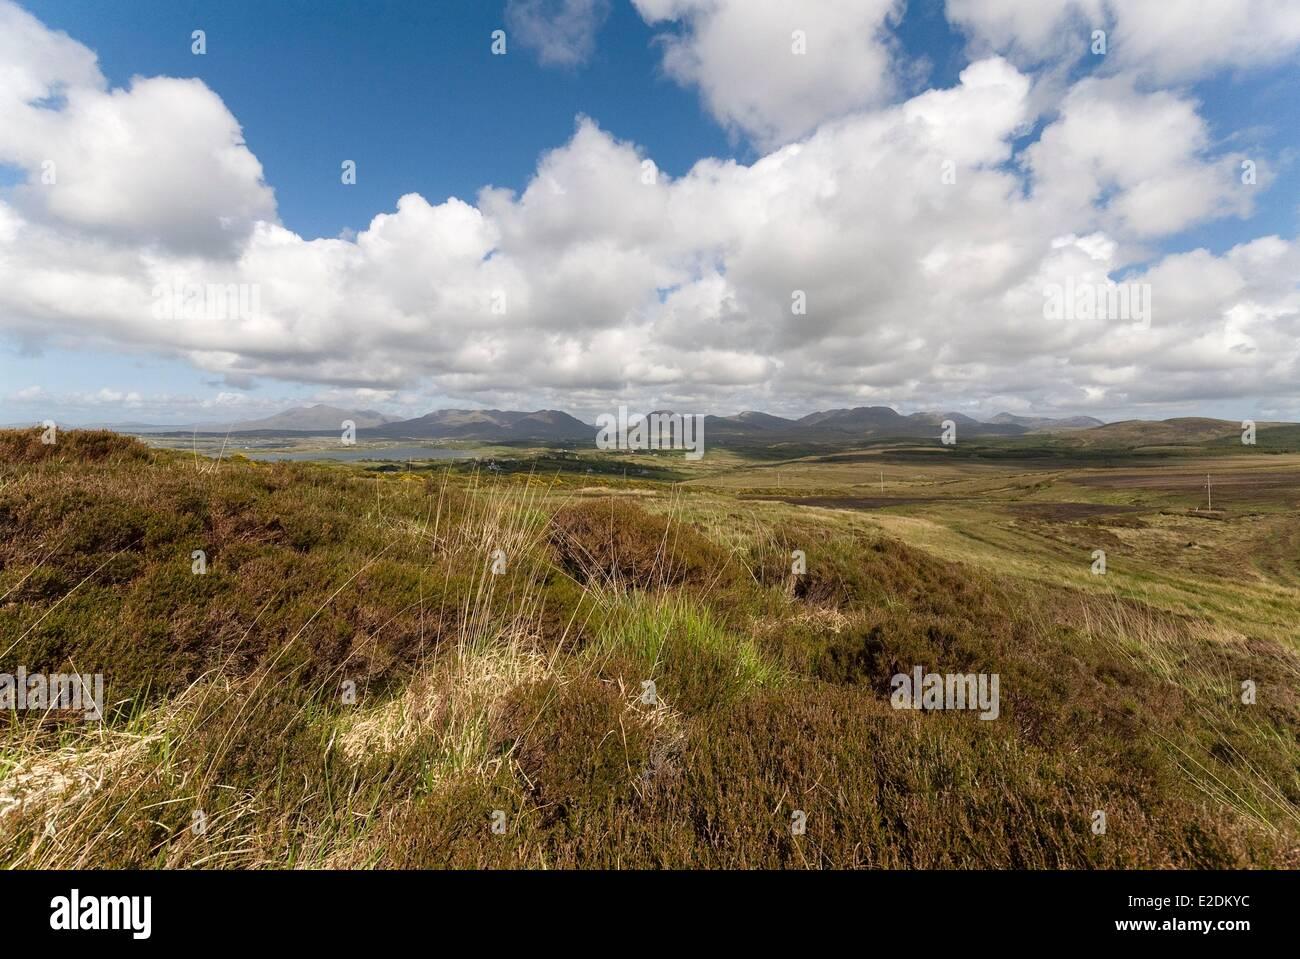 Ireland Galway County Connemara Twelve Bens - Stock Image